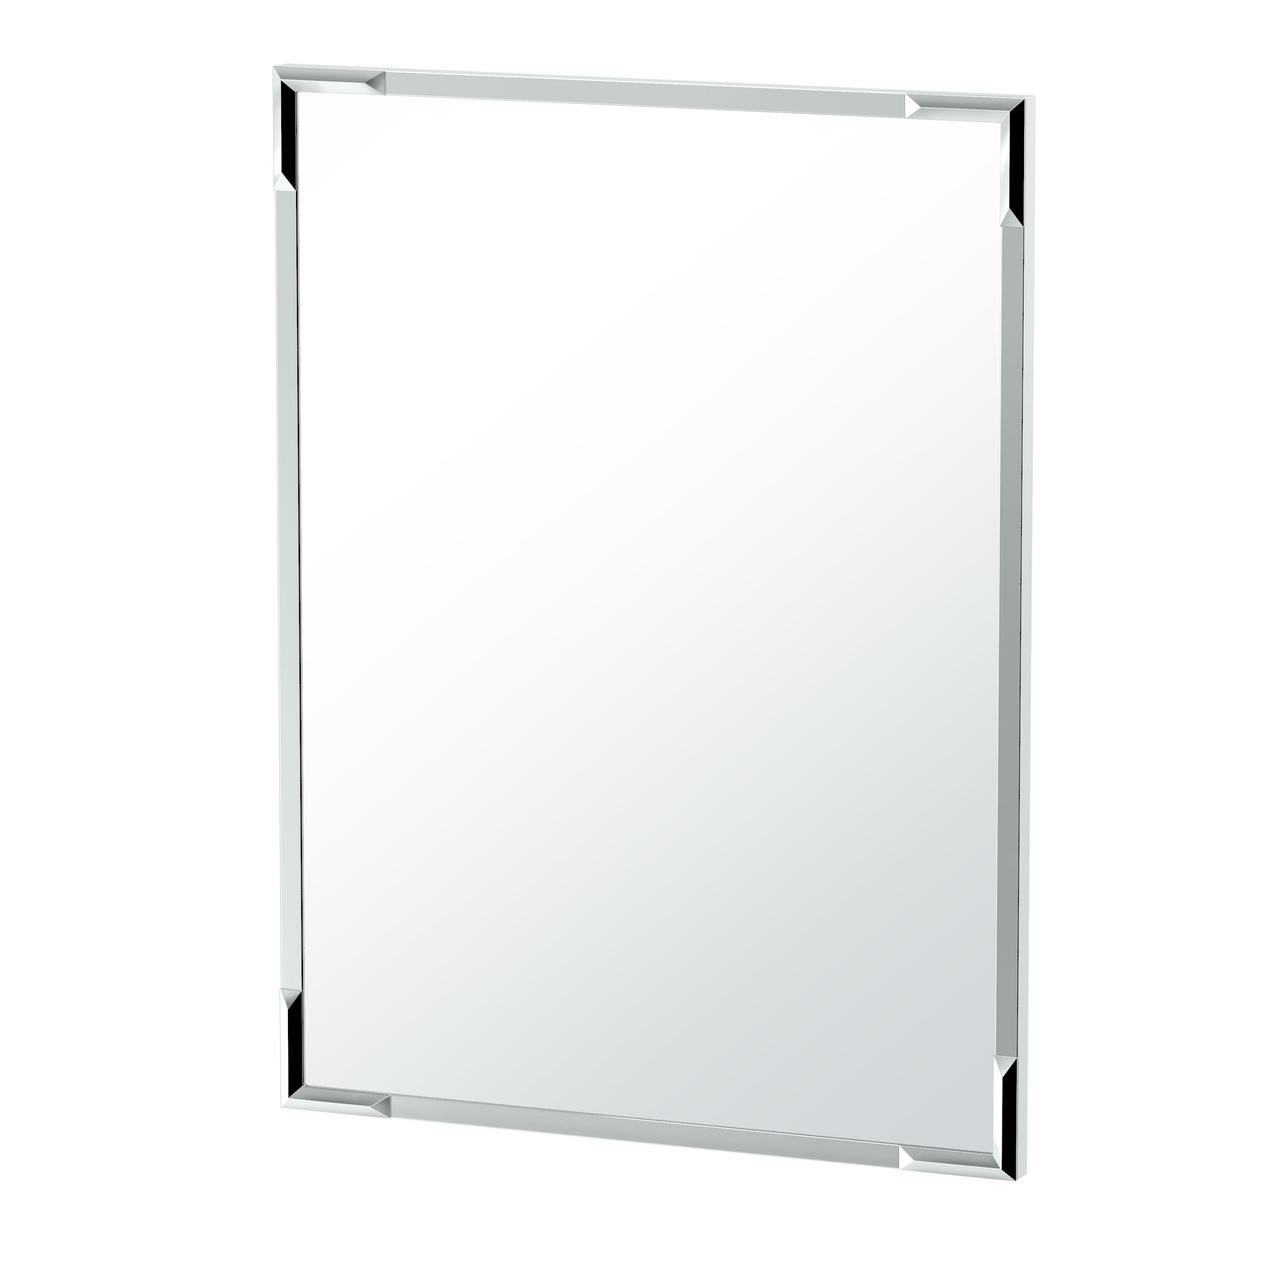 Flush Mount Facet Mirror in Chrome